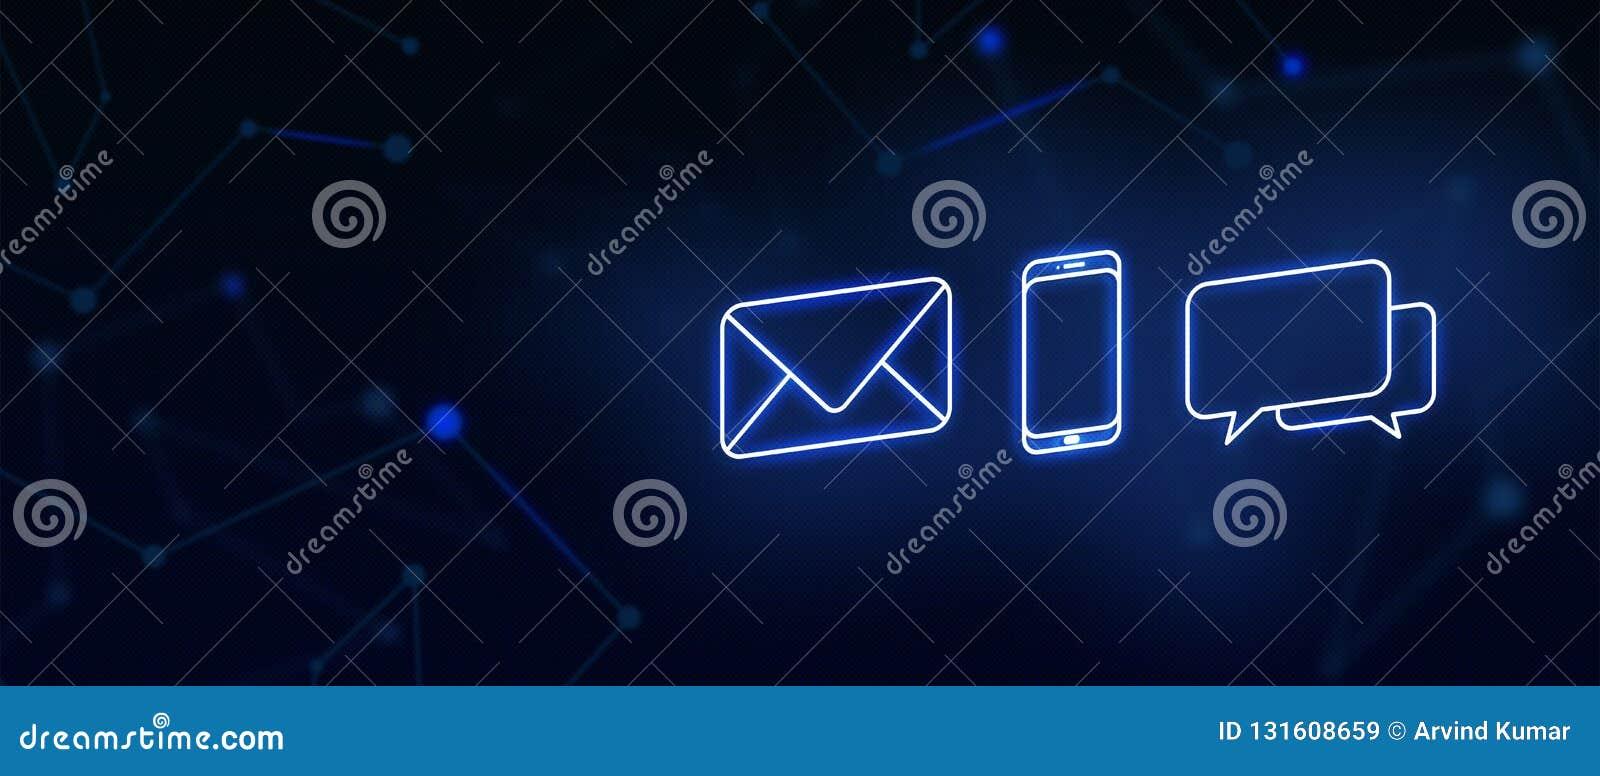 Kontakta oss, kontakten, emailkontakten, appellen, meddelandet, landningsidan, bakgrund, räkningssidan, symbol